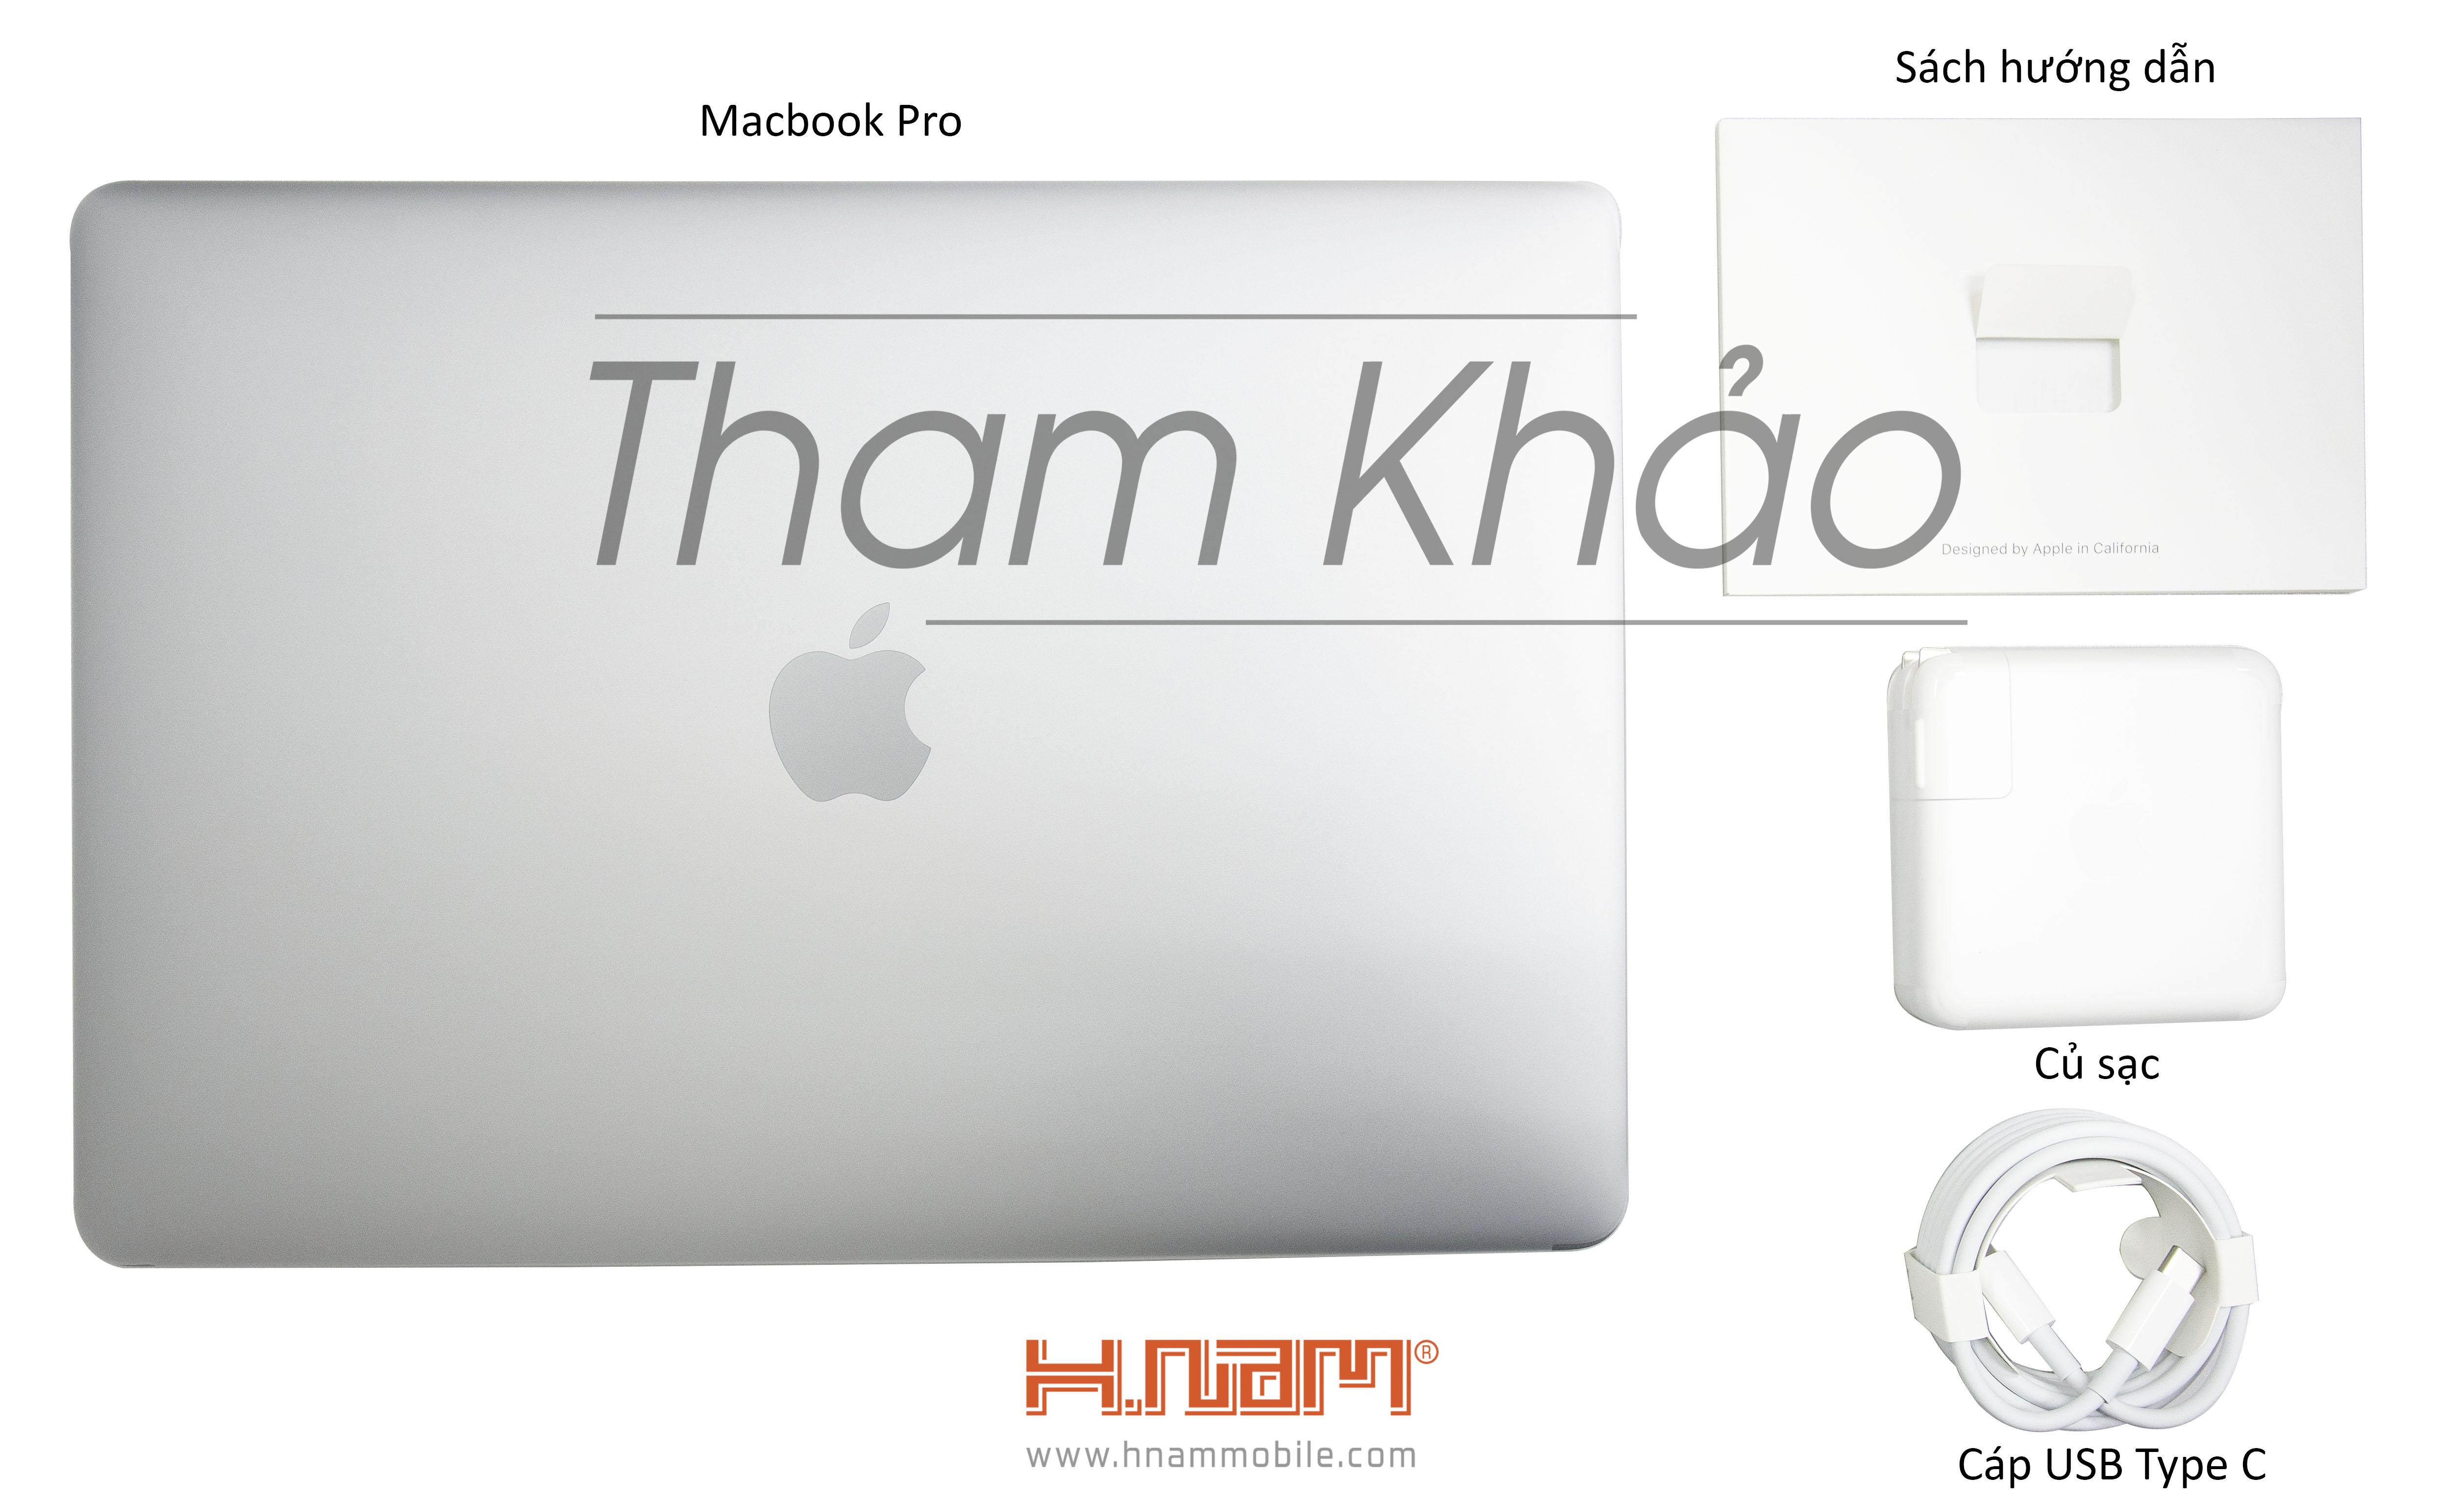 MacBook Pro 13 inch Touch Bar 2019 MUHN2 128GB Gray hình sản phẩm 0